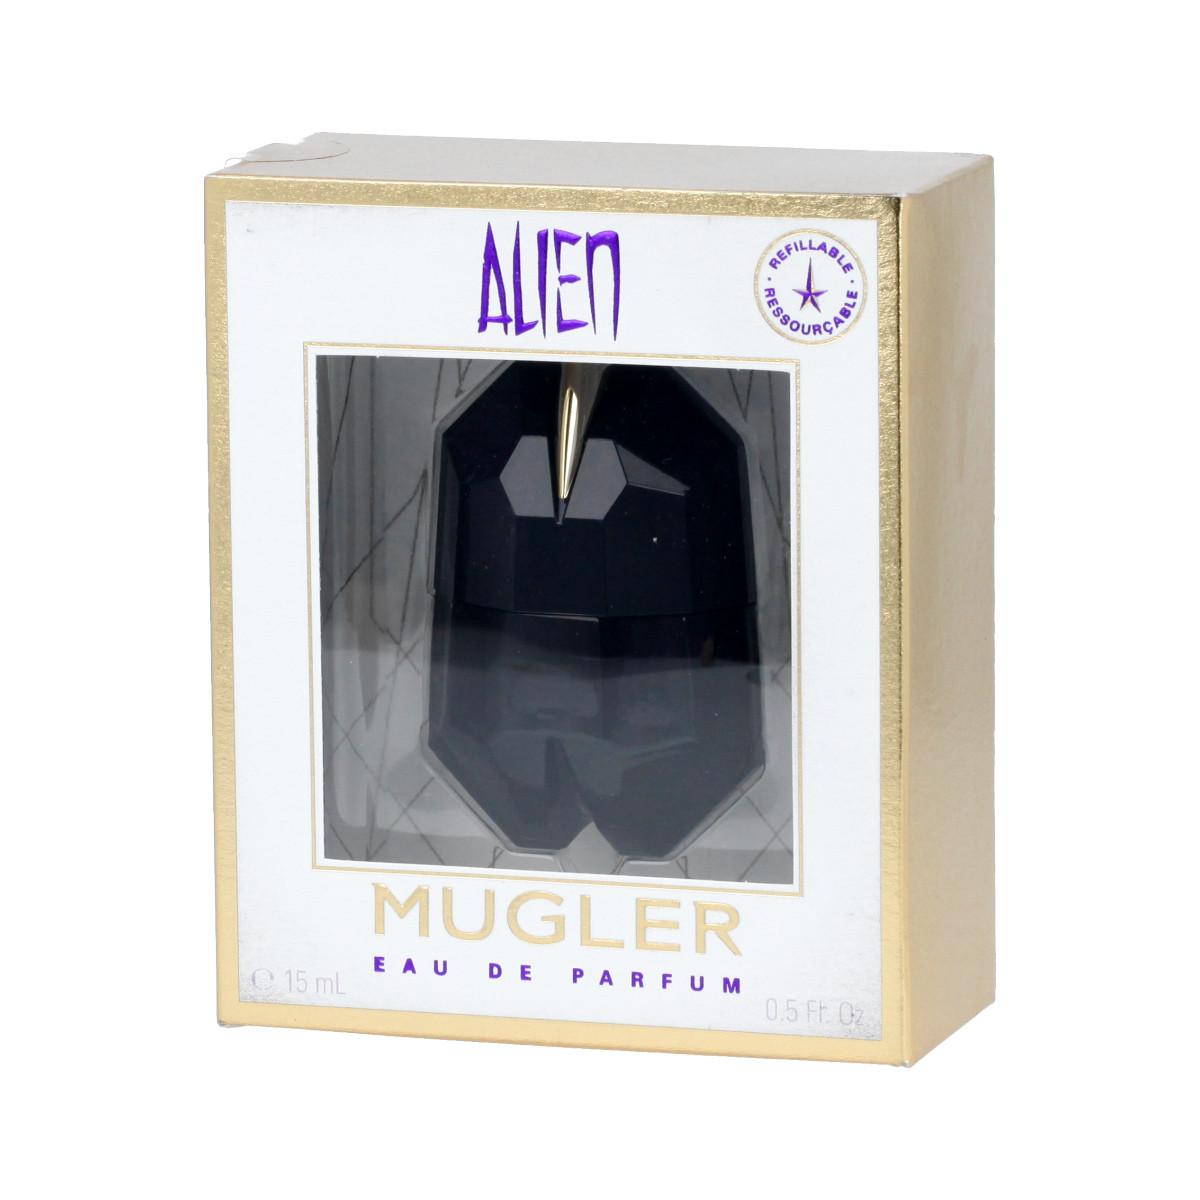 12f02dc85c603d Mugler Alien Eau De Parfum nachfüllbar 15 ml (woman) - Alien ...